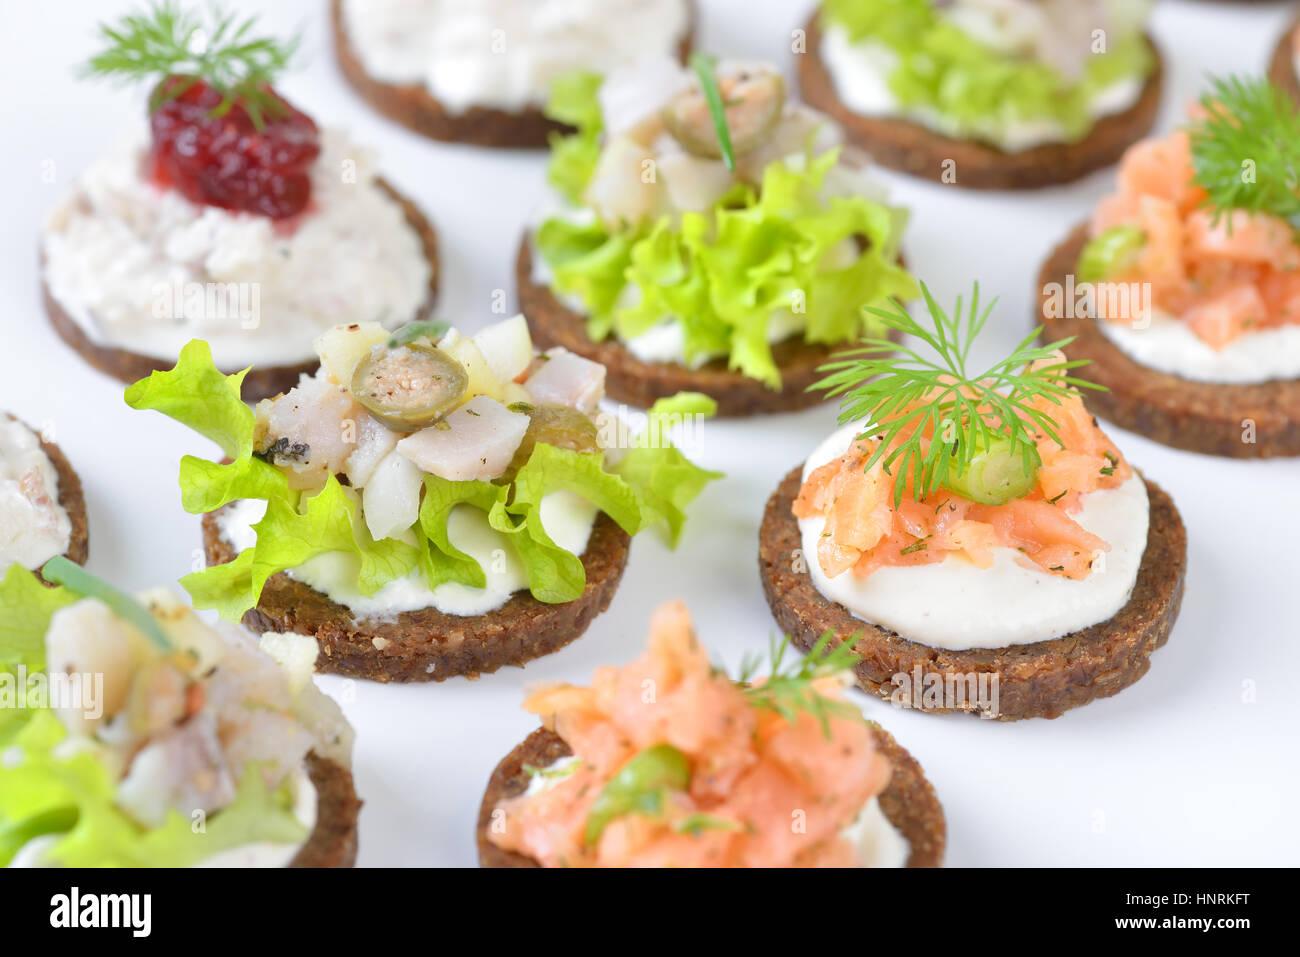 La succulente nourriture doigt avec tartare de saumon fumé, mousse de truite sur le raifort avec canneberges Photo Stock